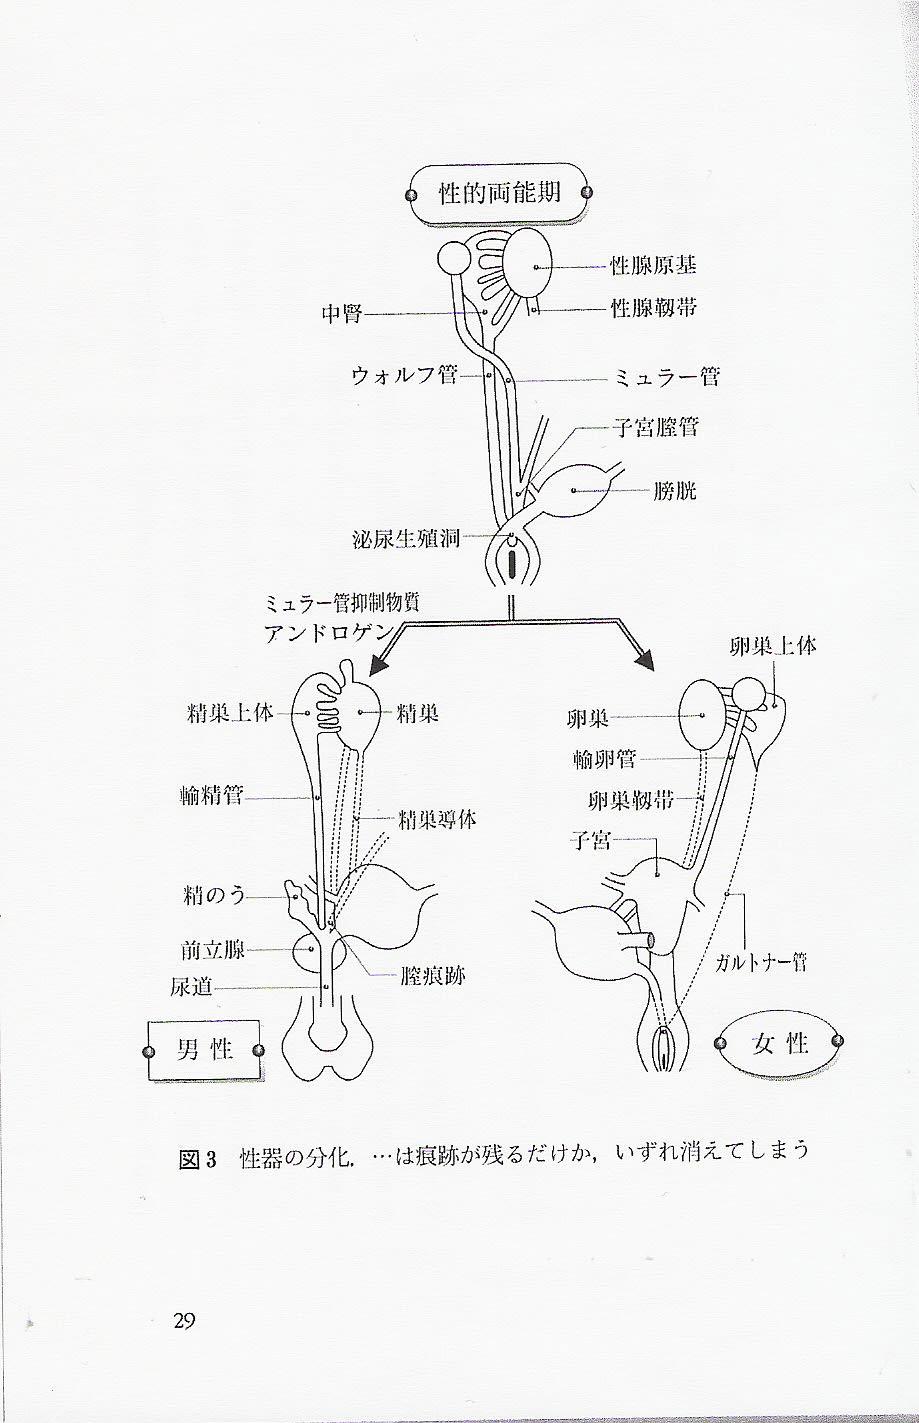 性転換 性器 図3性器の分化 …は痕跡が残るだけか、いずれ消えてしまう